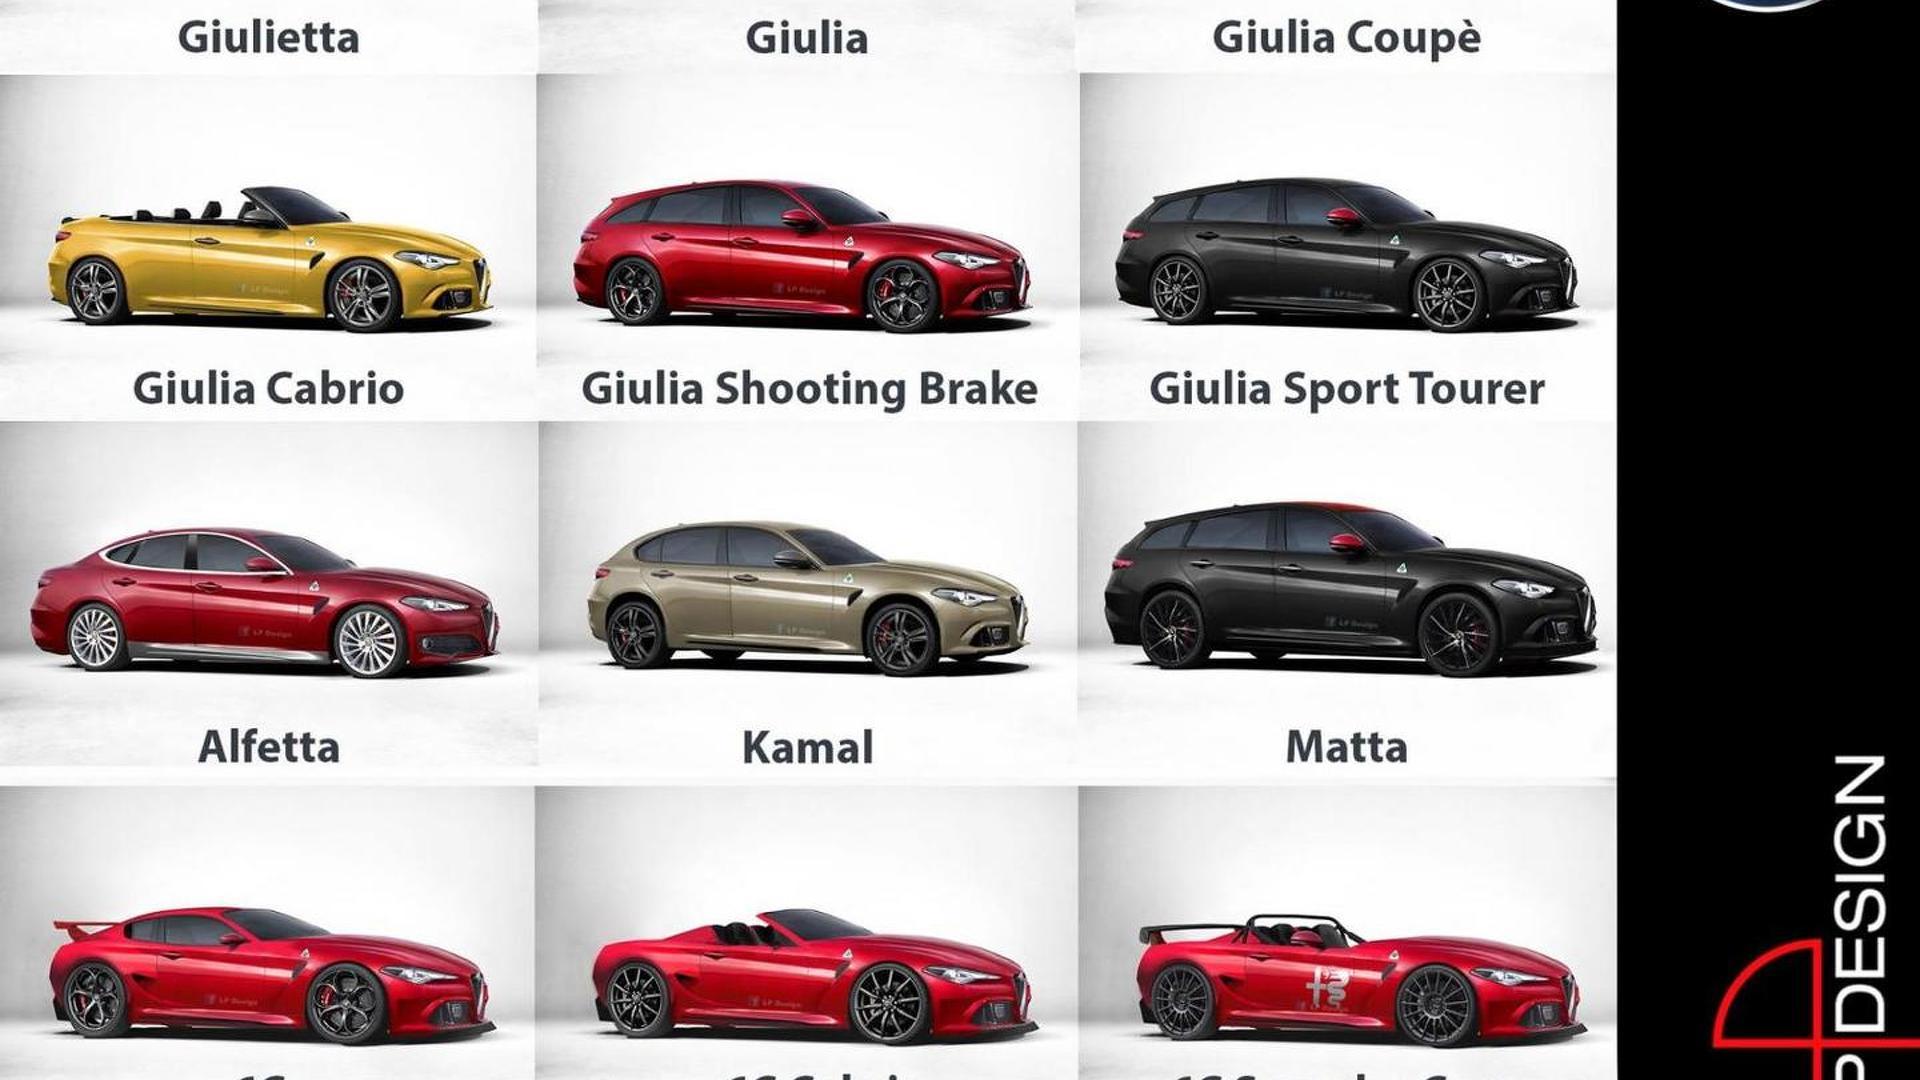 Alfa Romeo Models >> Alfa Romeo Future Lineup Imagined